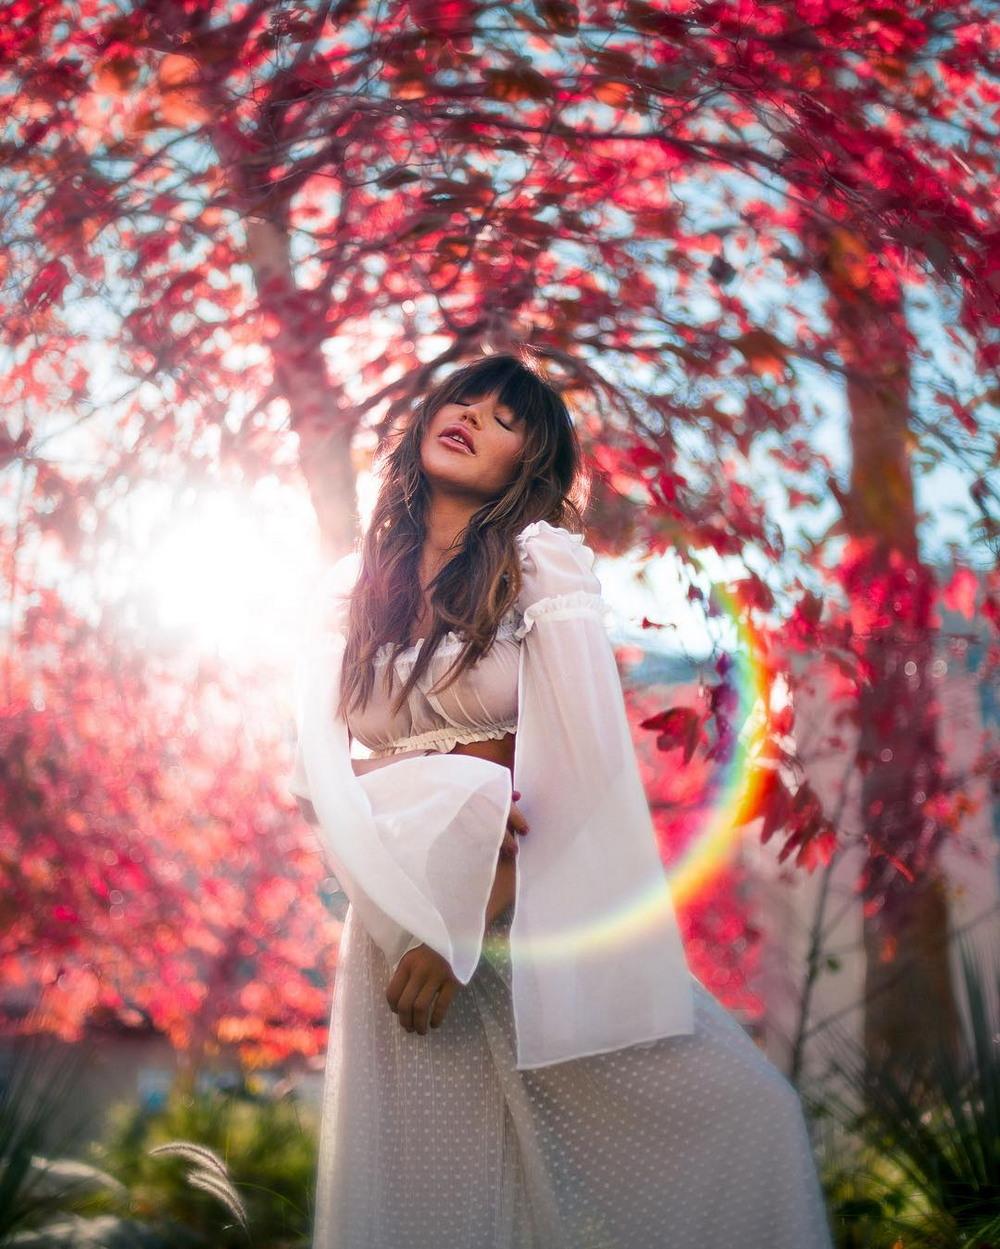 Красивые девушки на снимках Натаниэля Гердеса